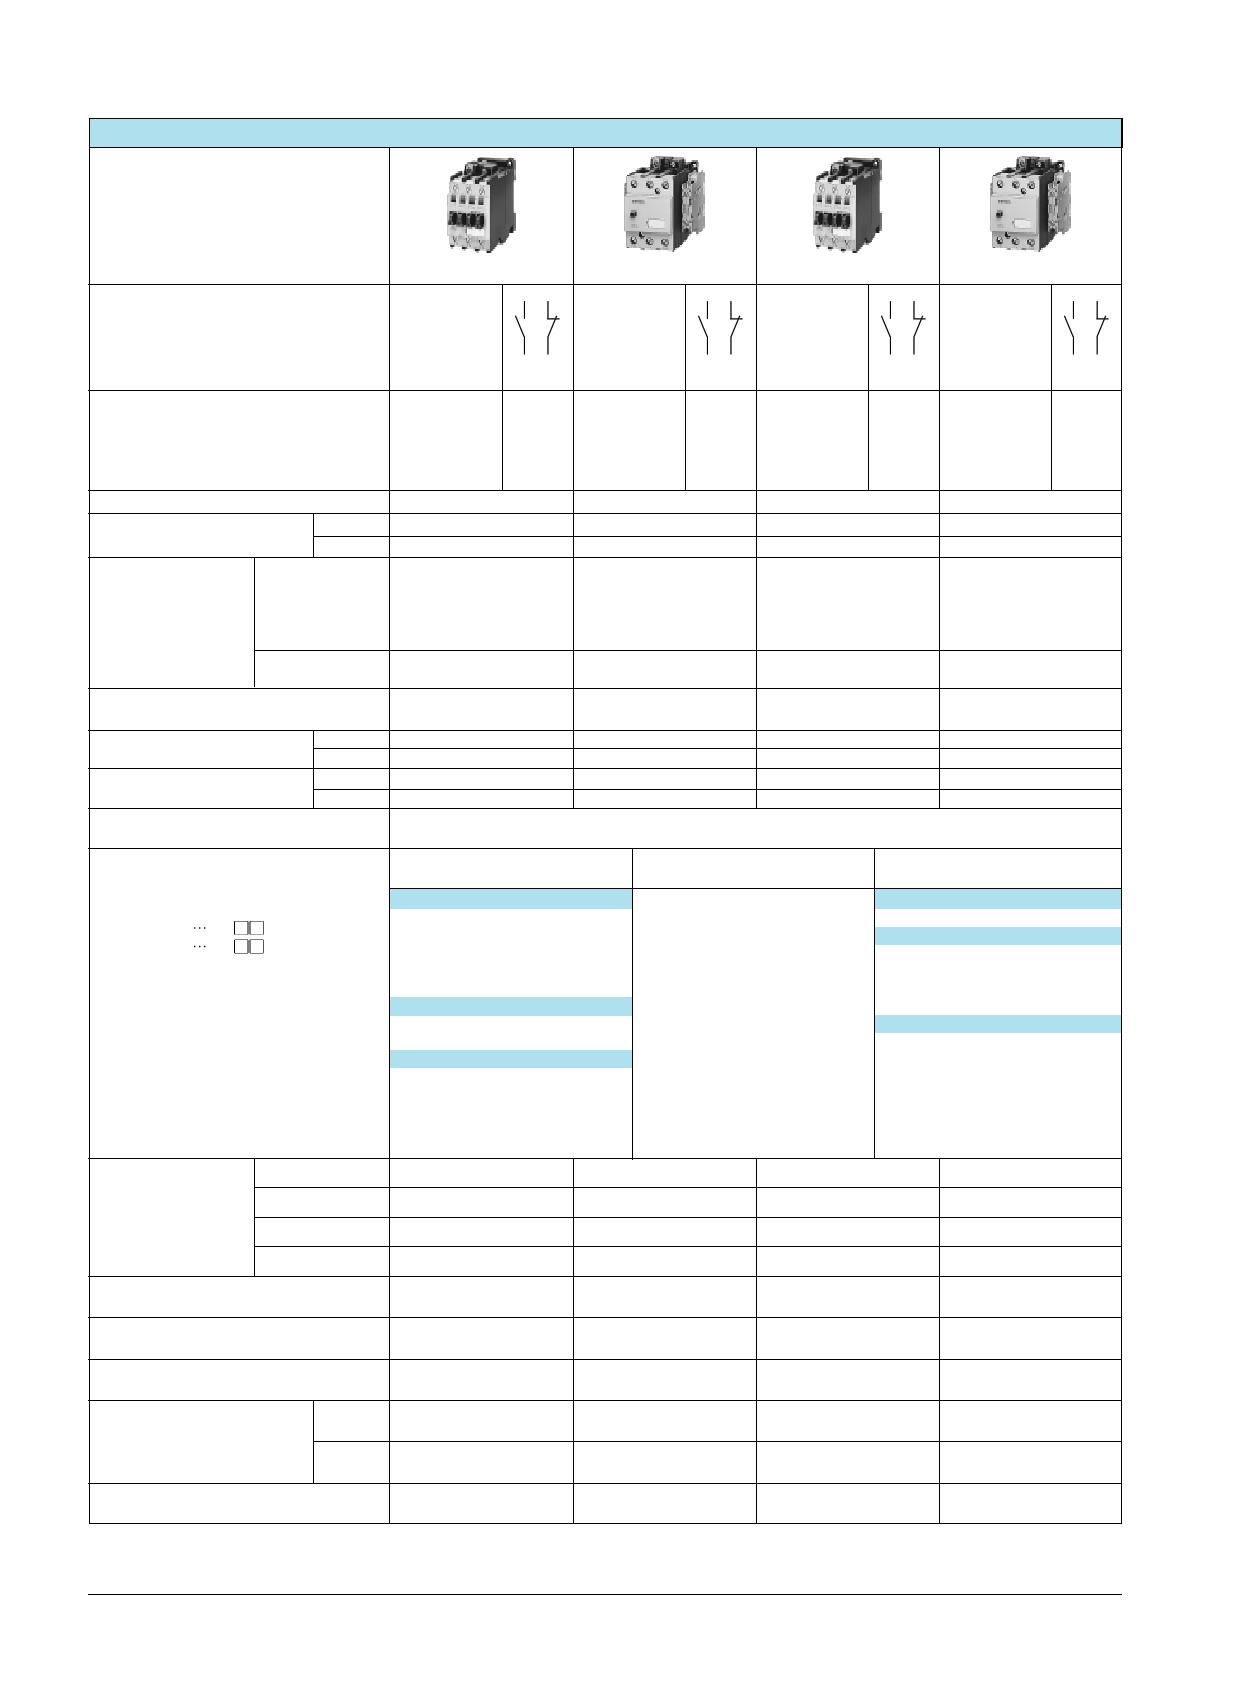 3TF32 pdf, ピン配列